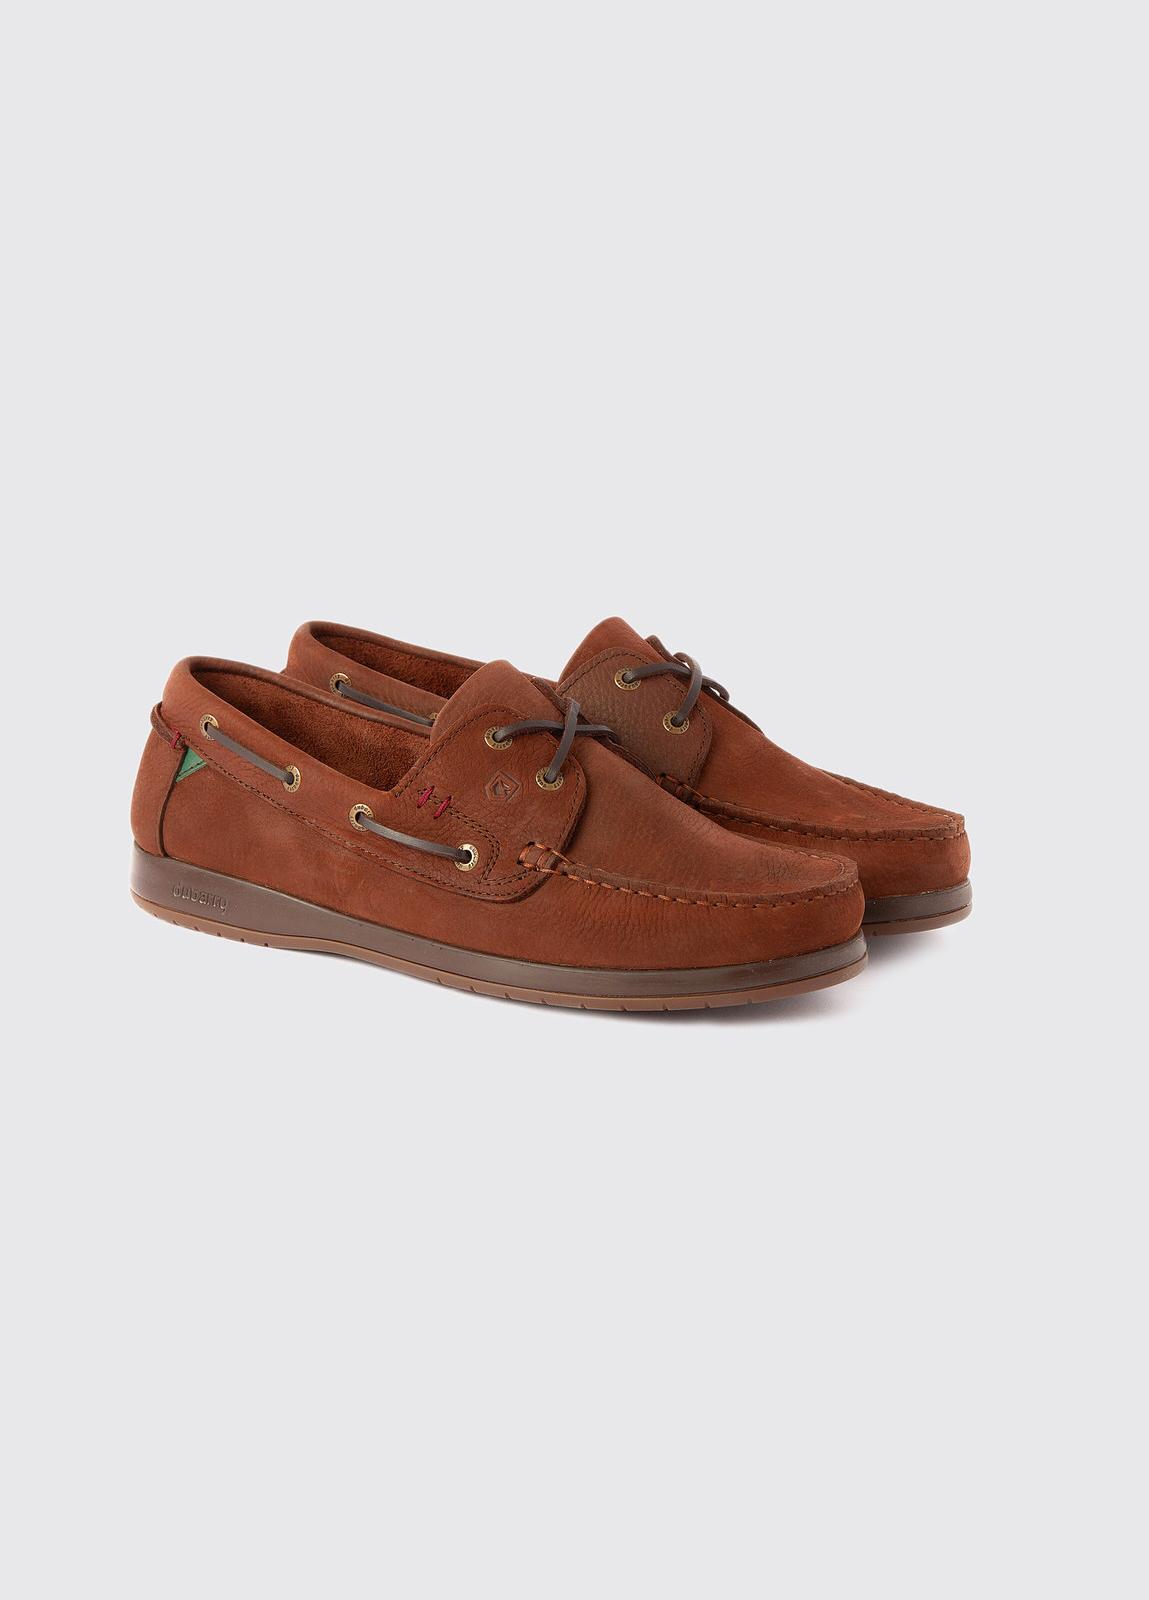 Armada X LT Deck shoes - Walnut